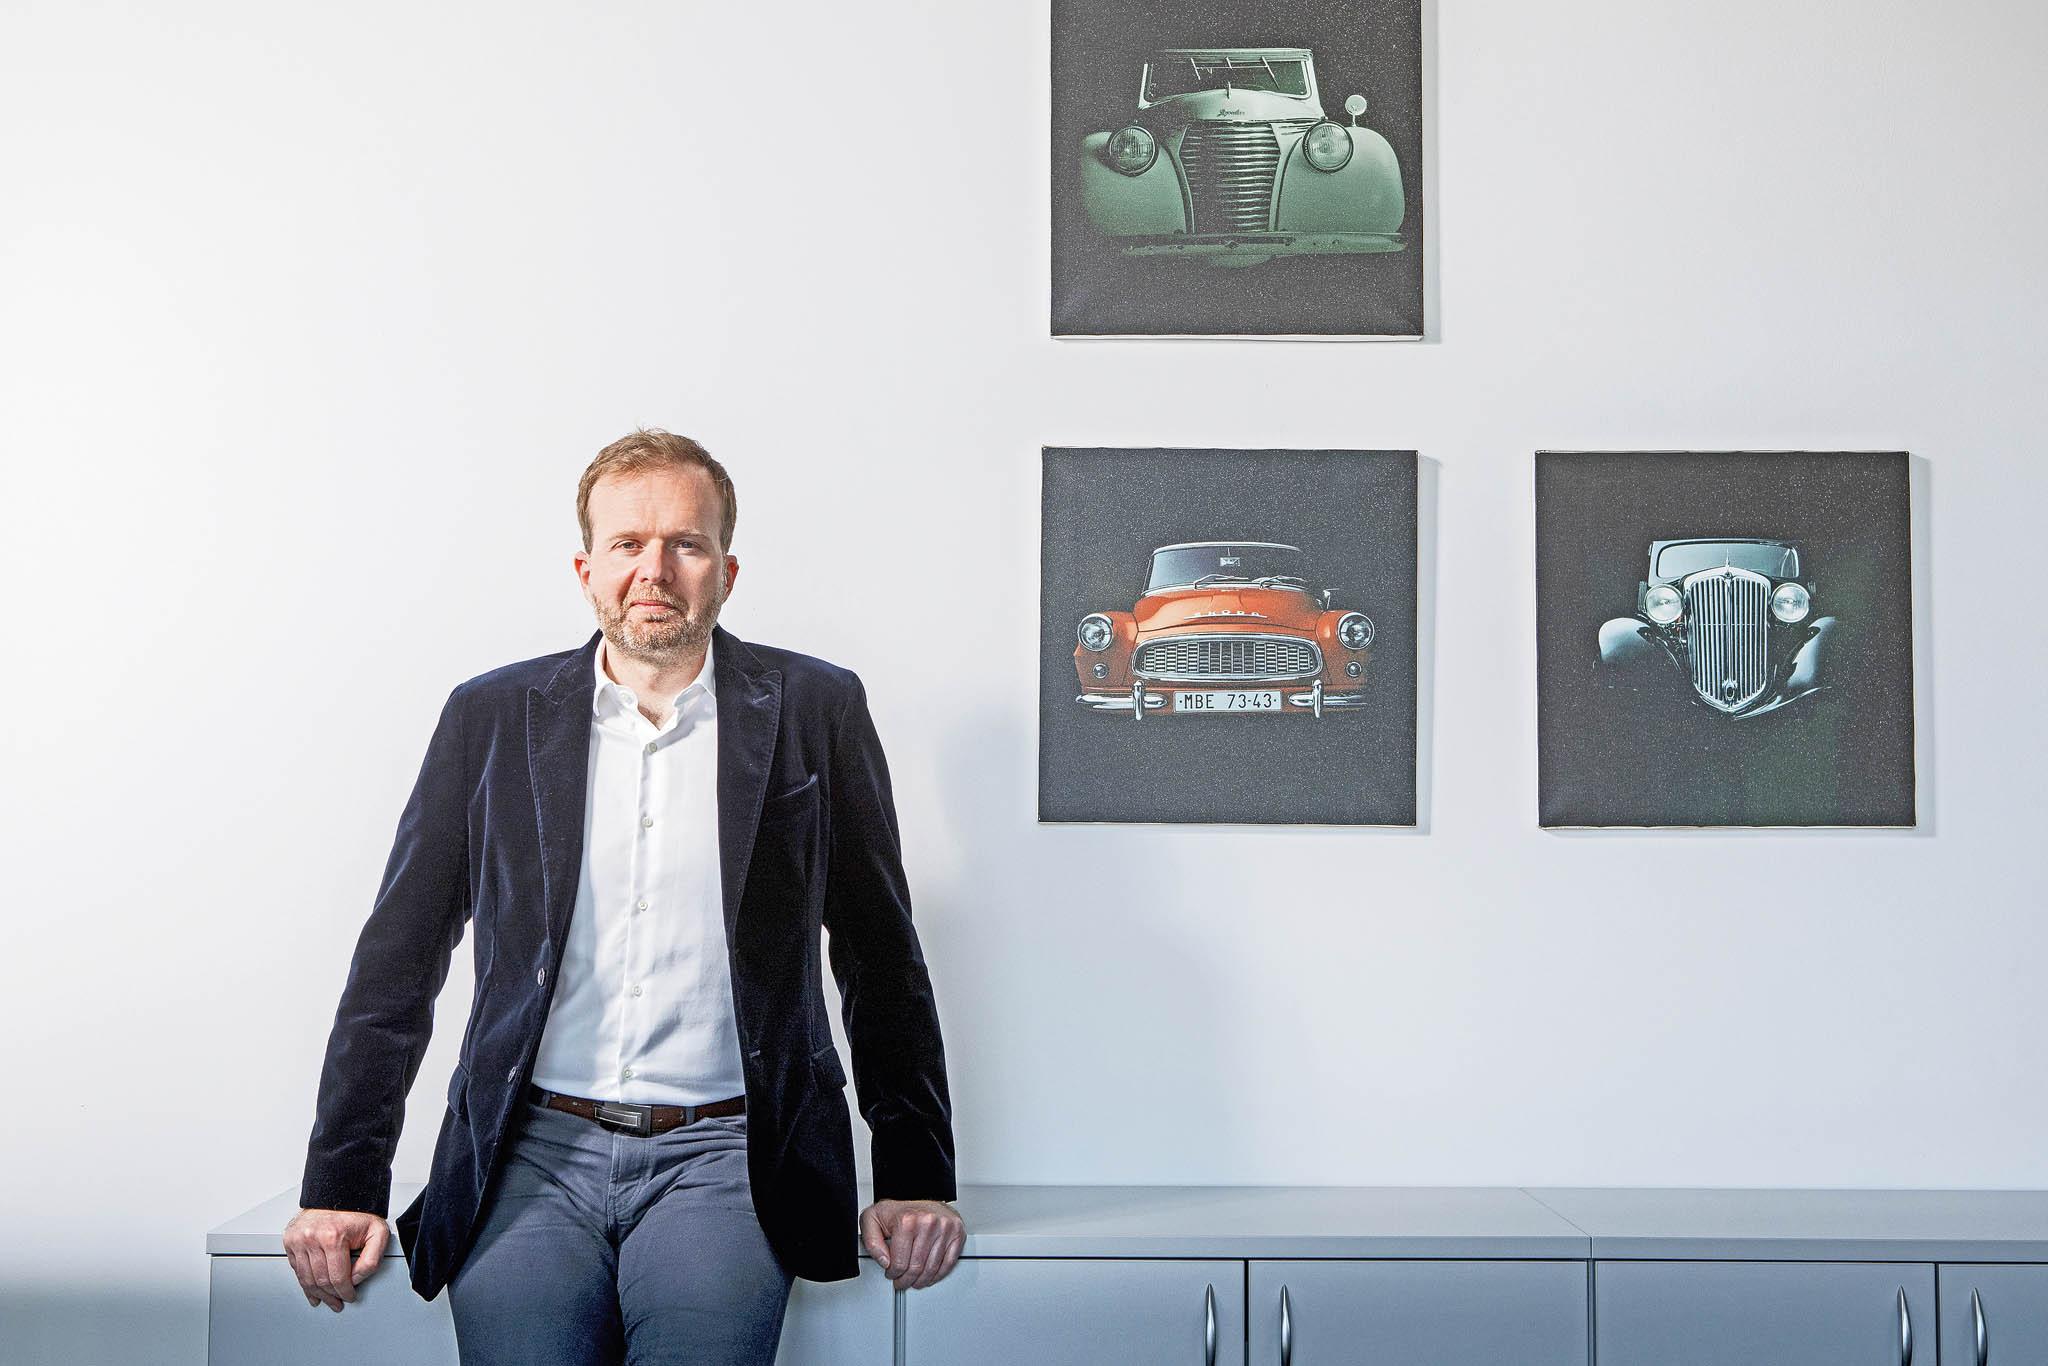 Výkonný ředitel Sdružení automobilového průmyslu Zdeněk Petzl